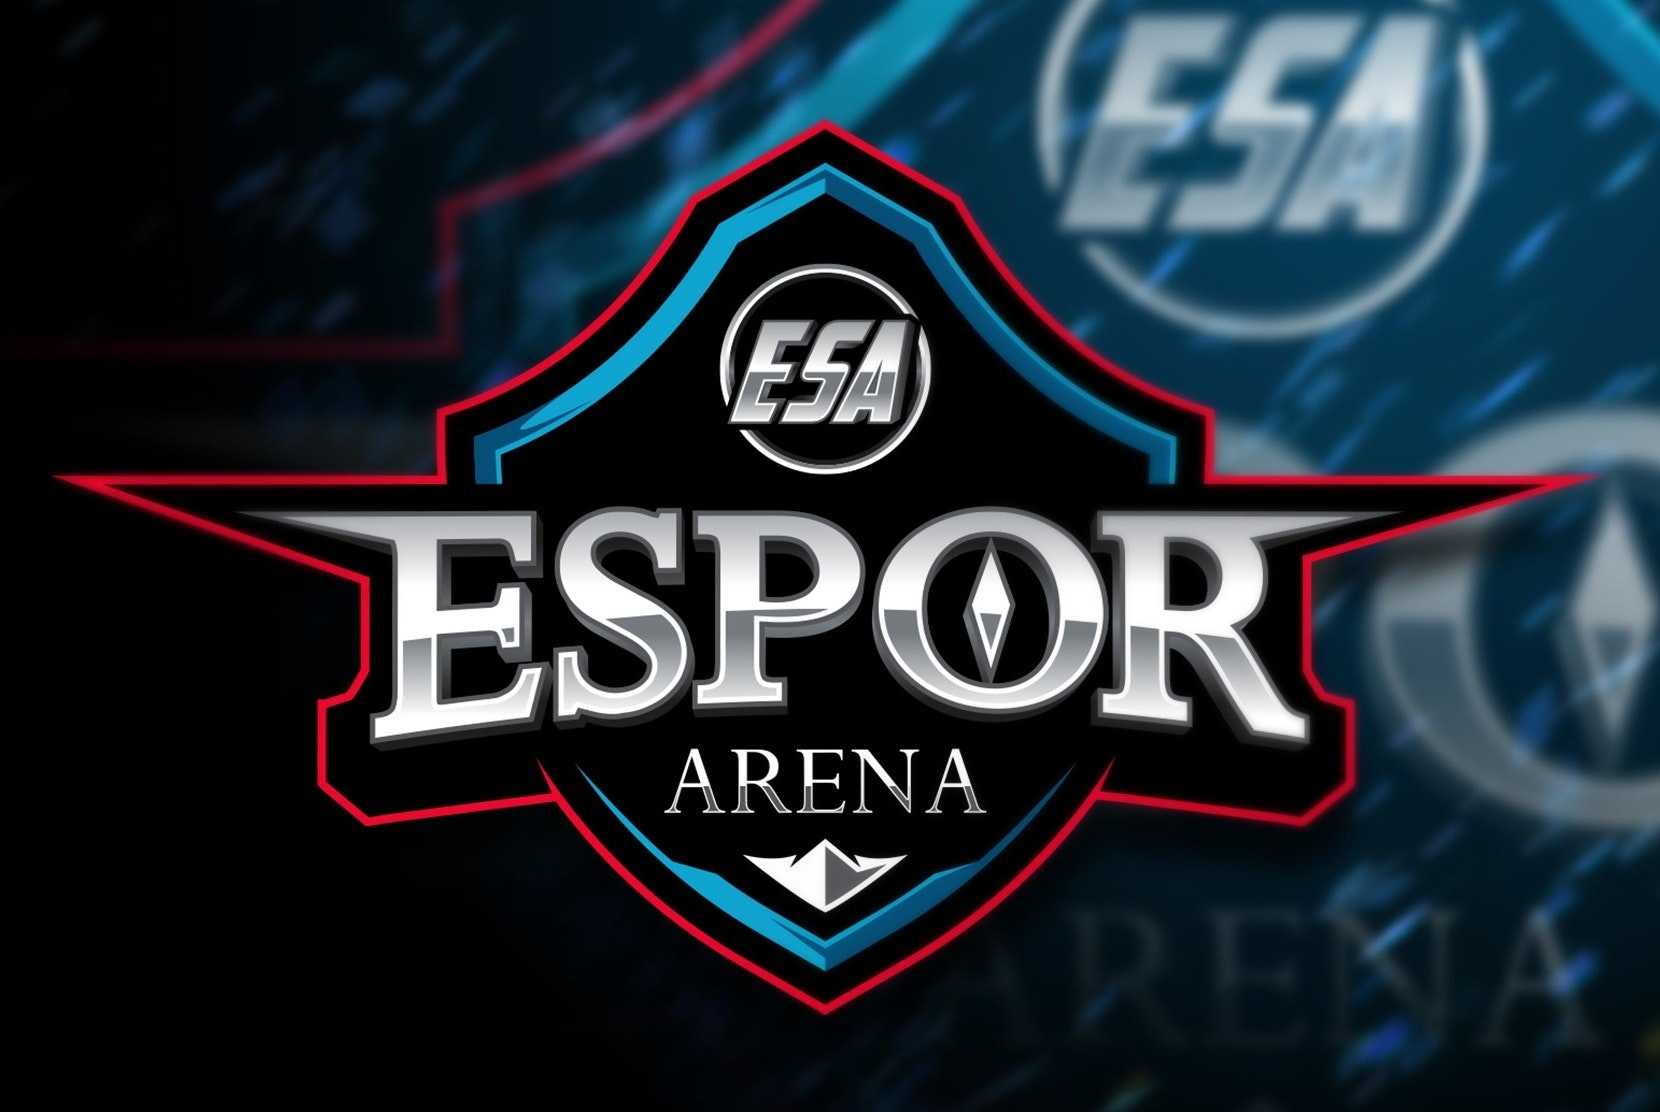 Espor Arena Project logo